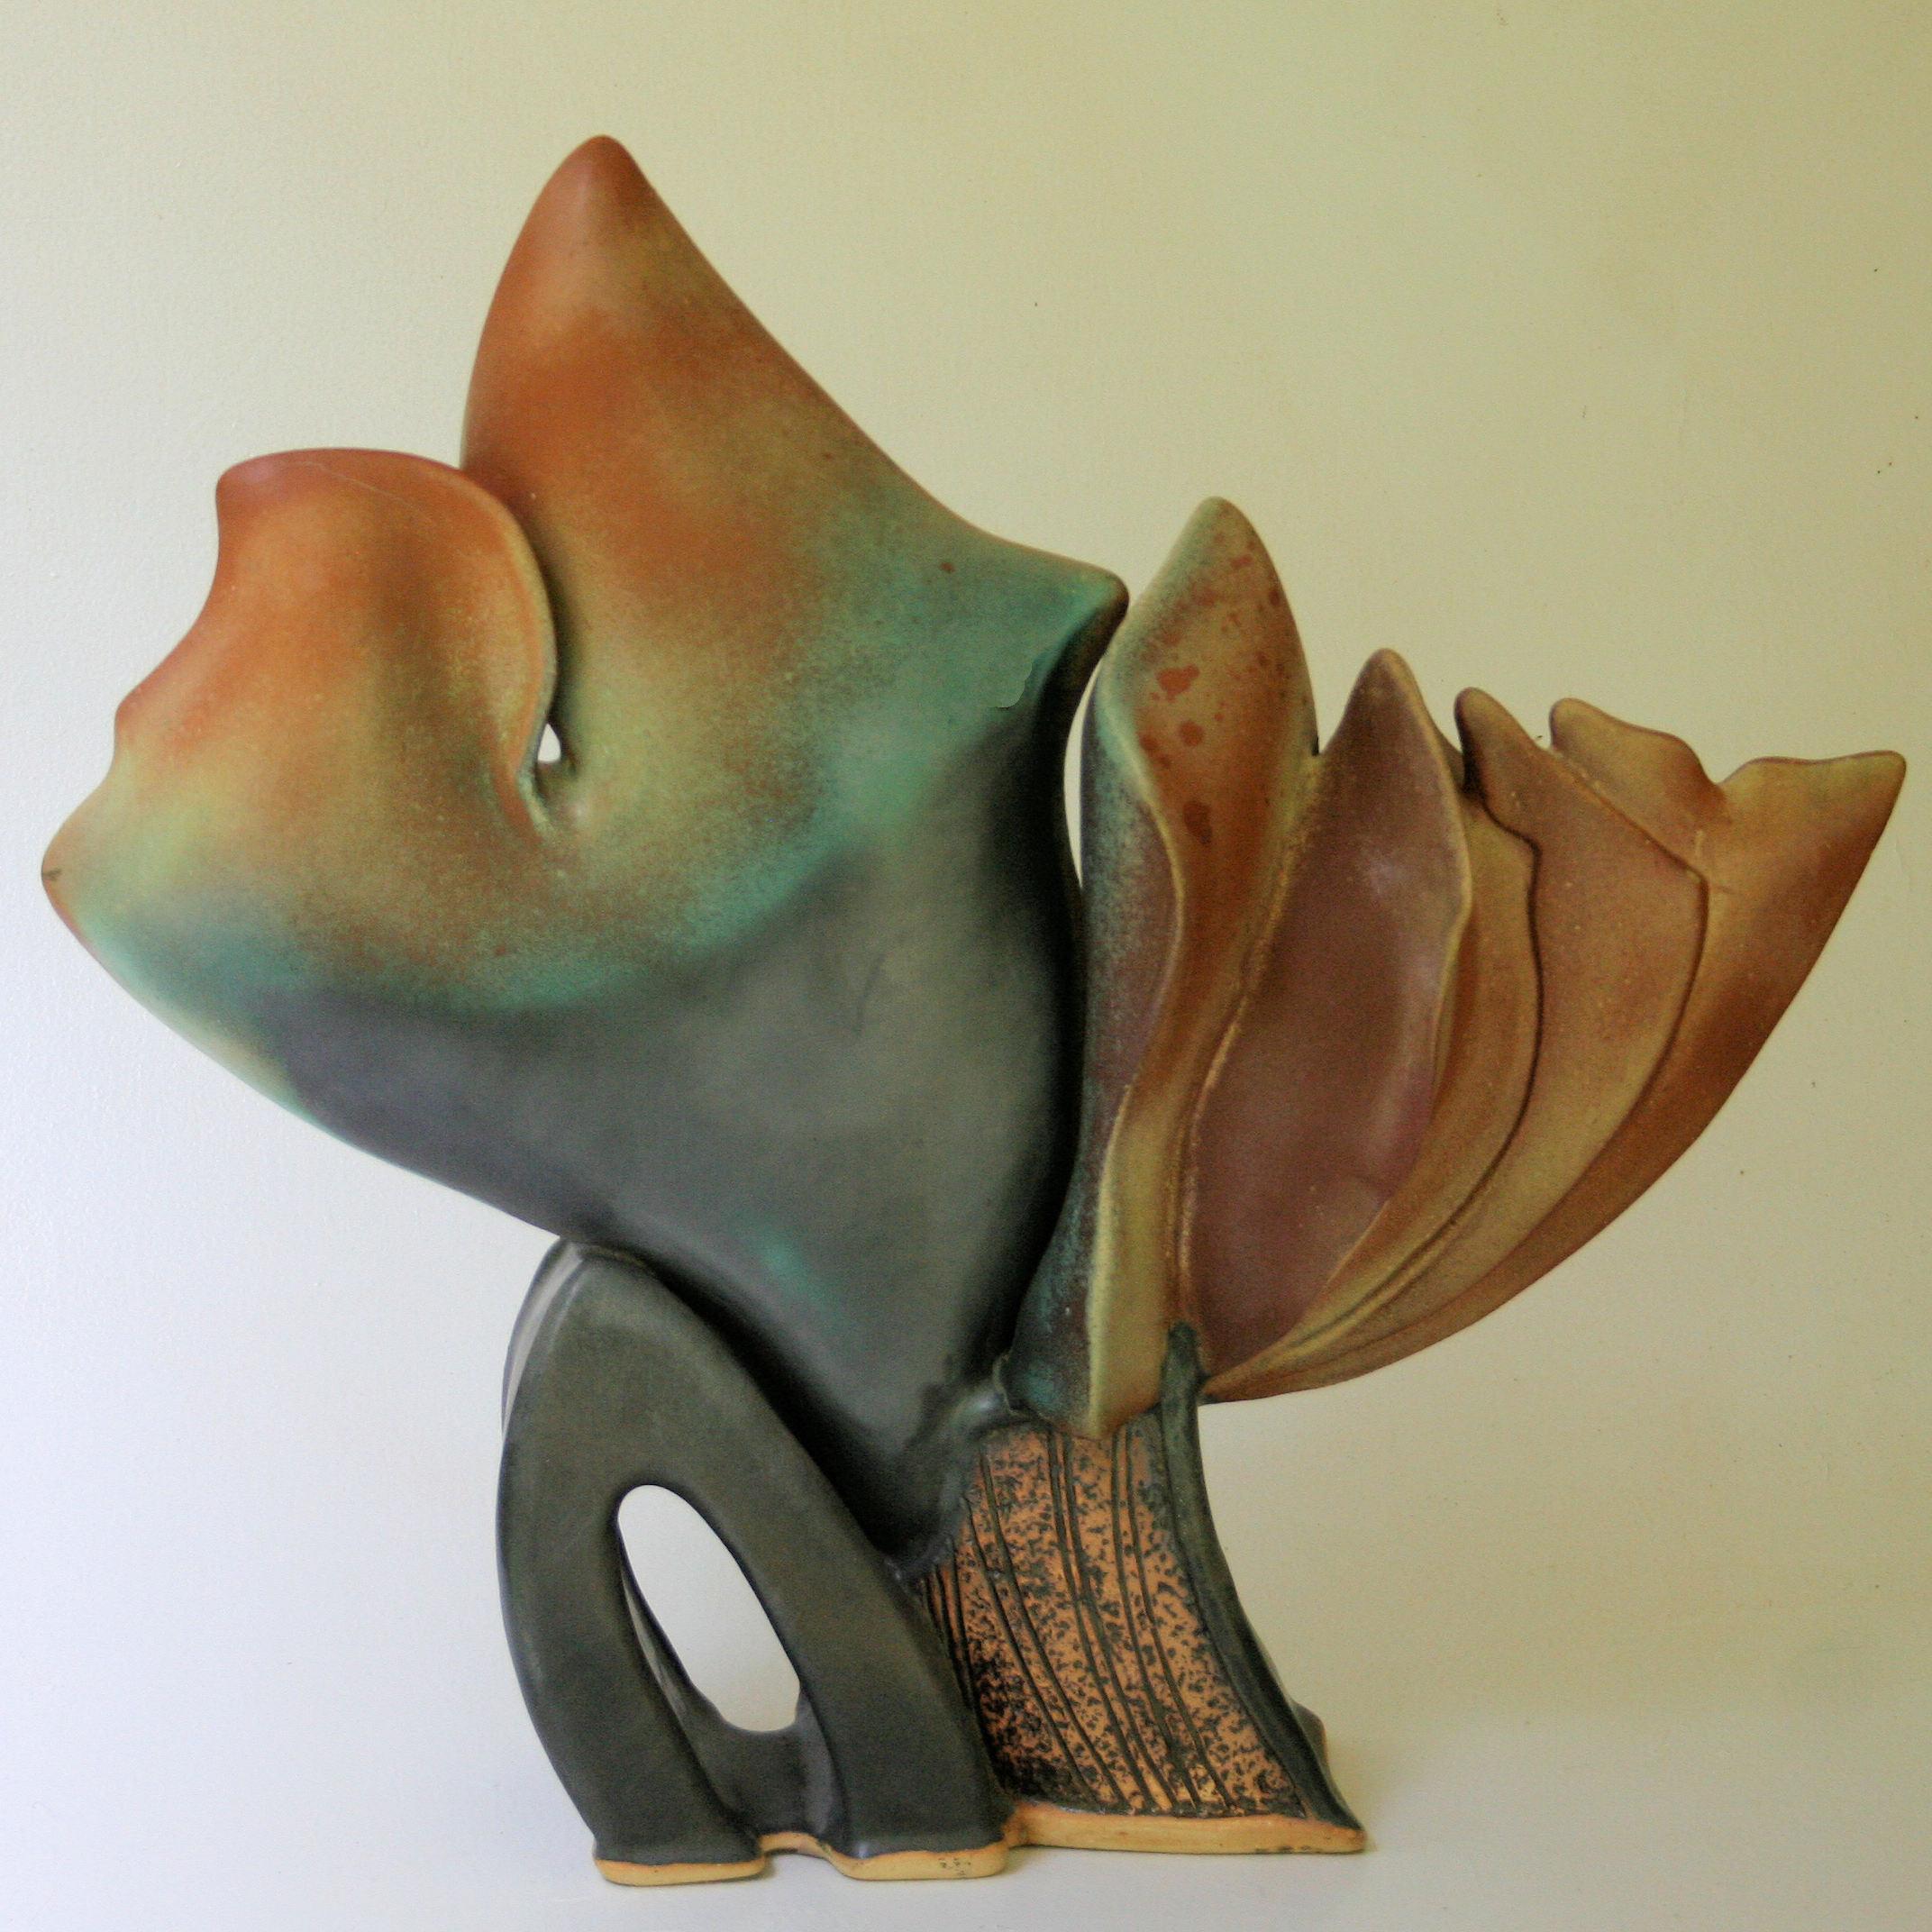 Stone Carving by Helene Fielder